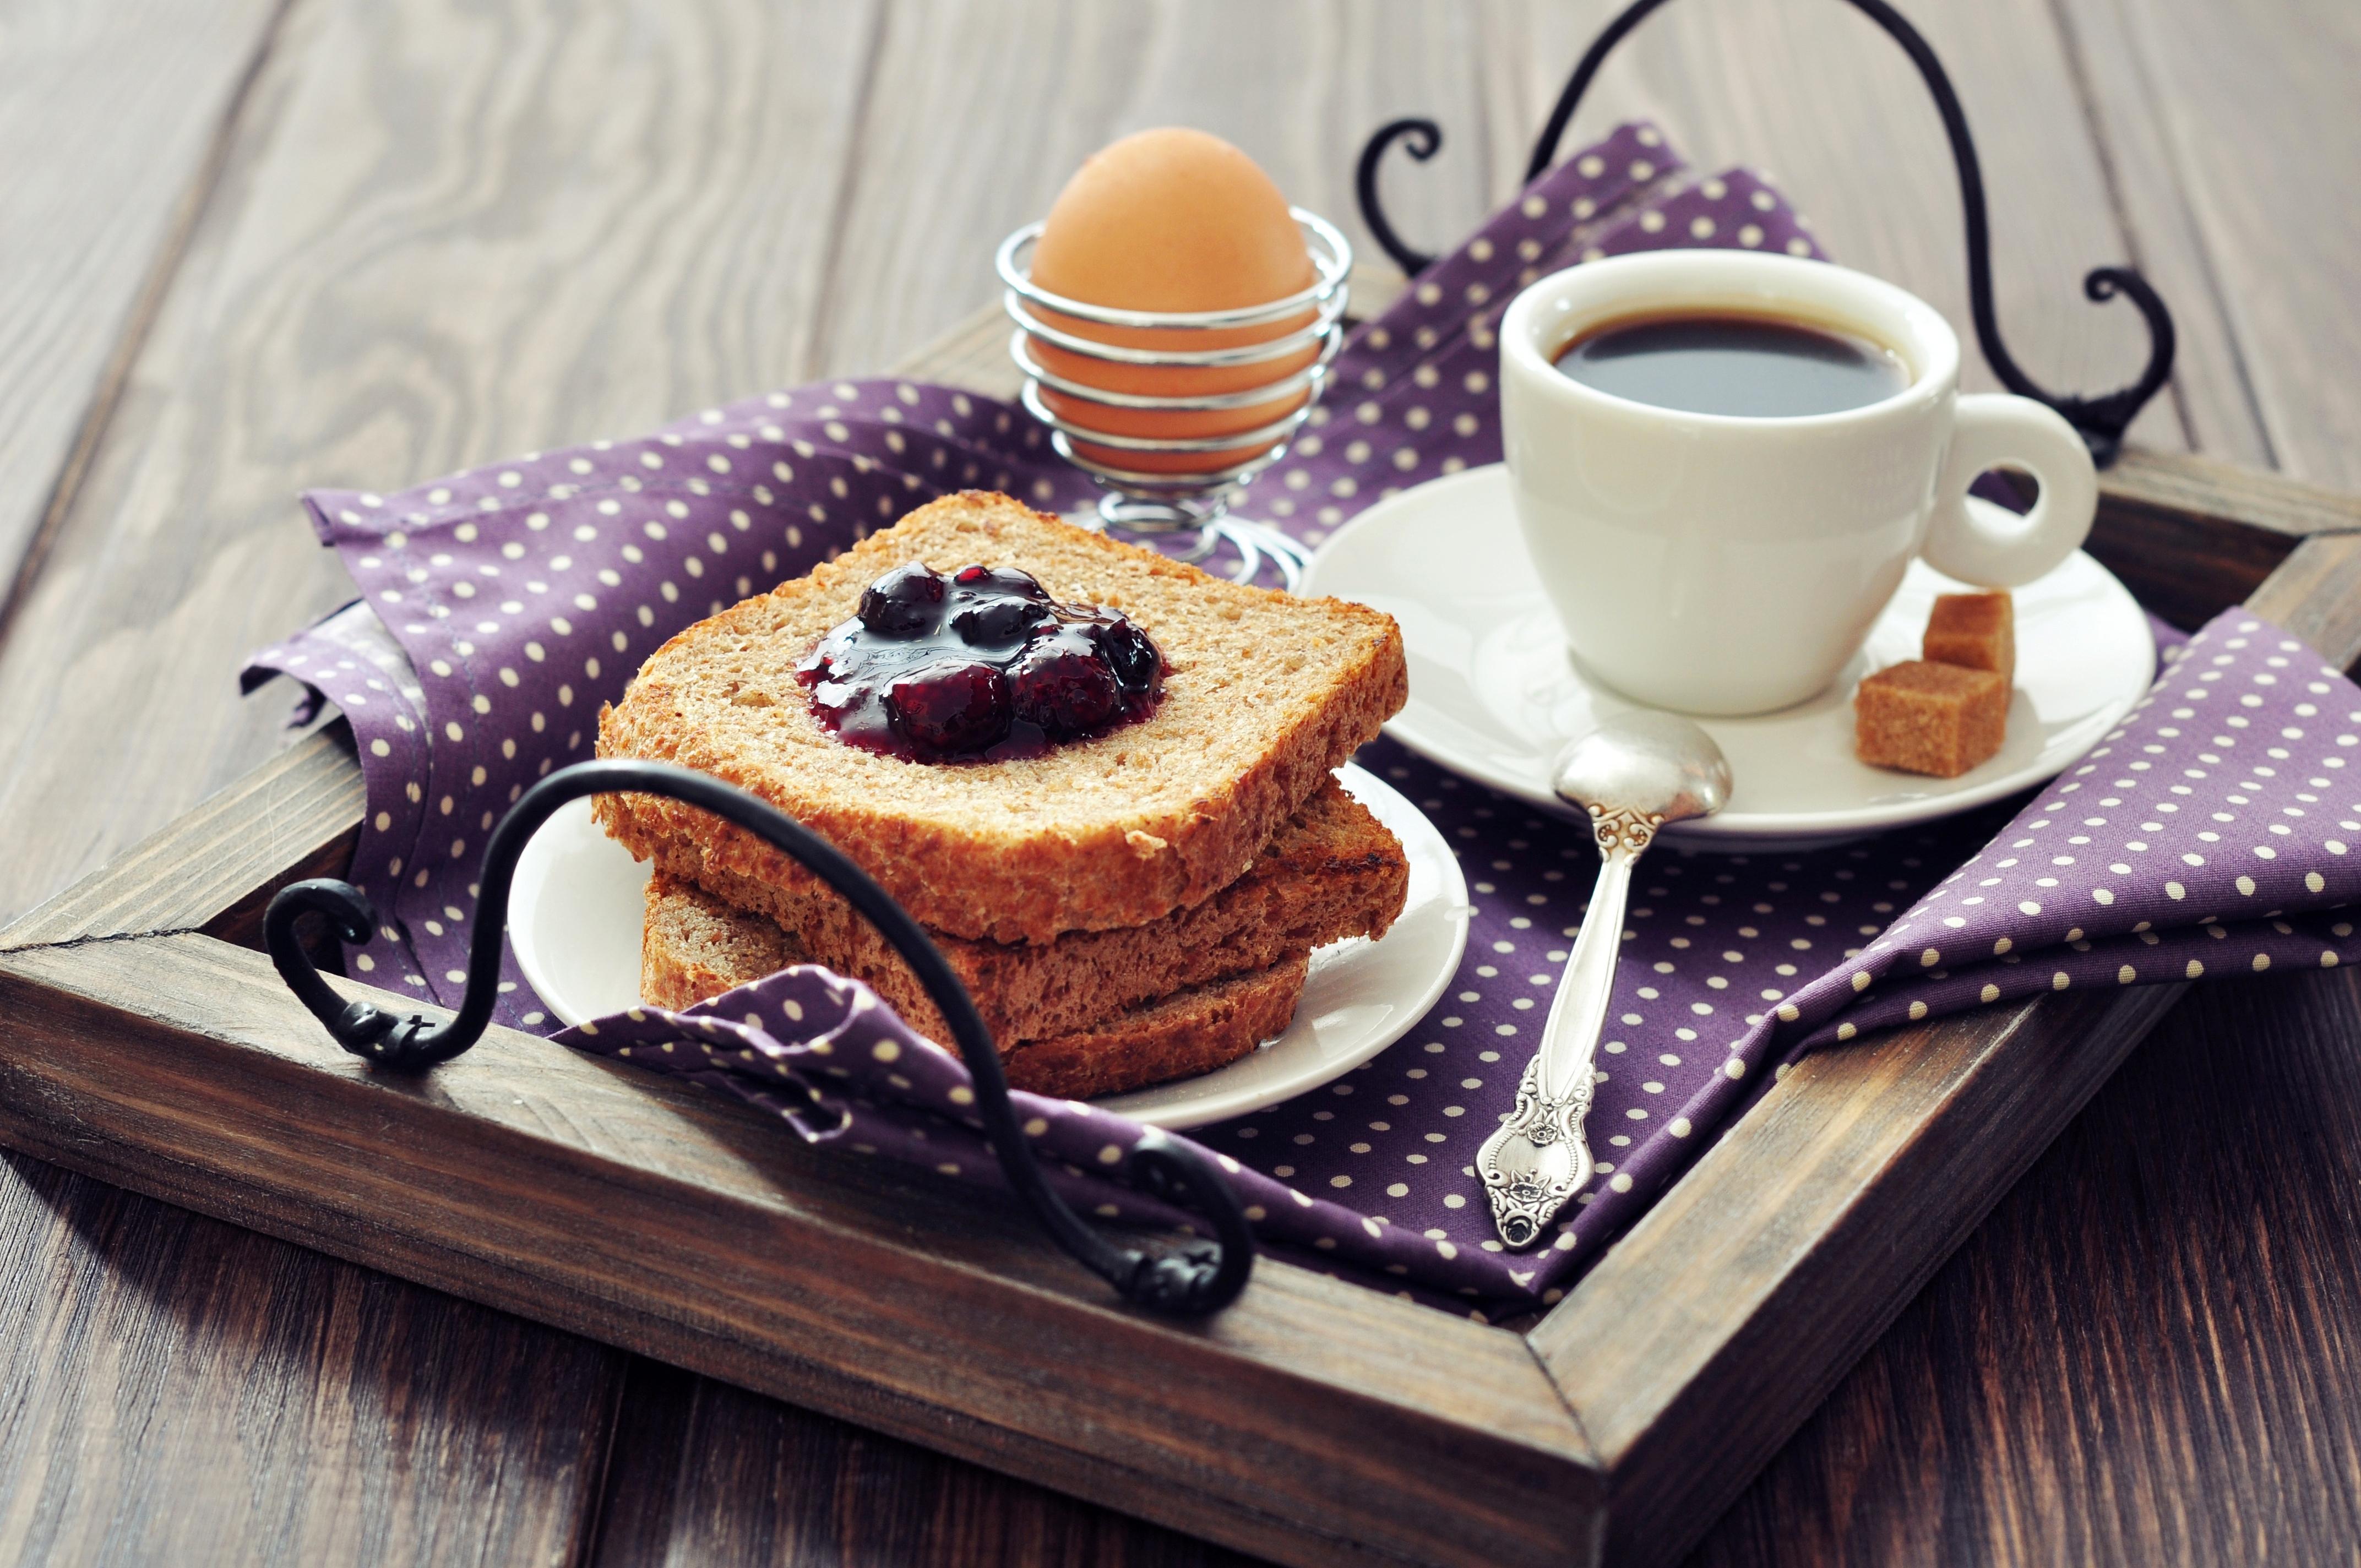 картинки доброе утро завтрак с кофе период творческой